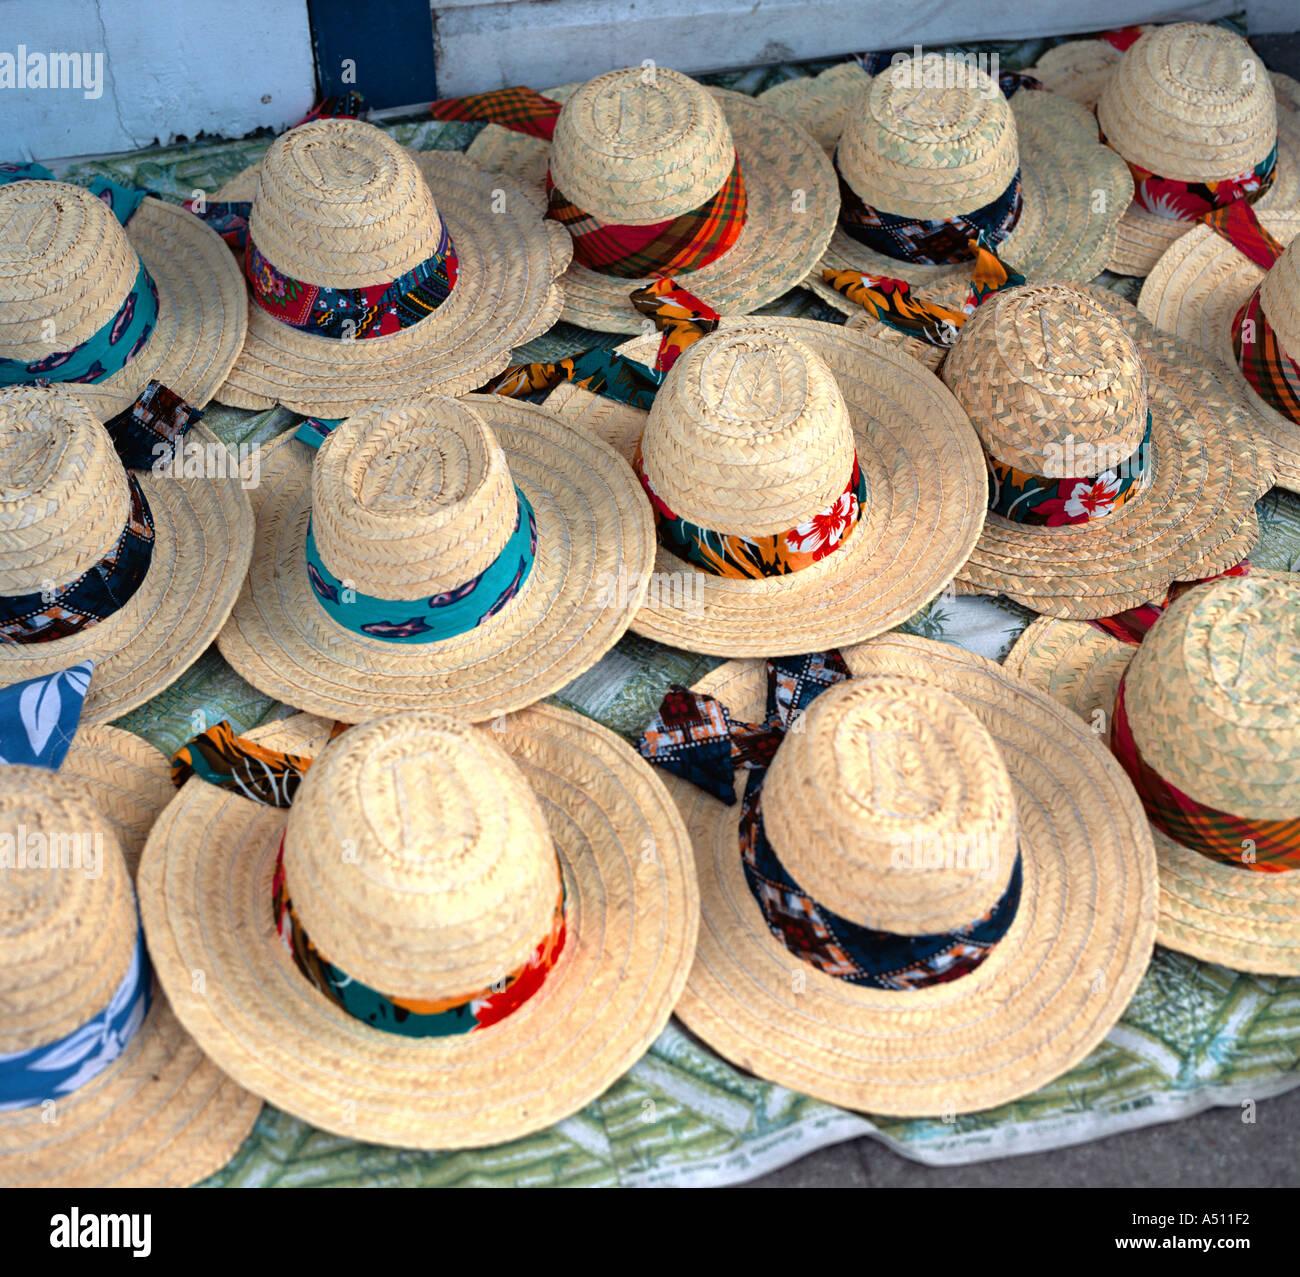 Sombreros de paja tradicionales para la venta en la calle en el mercado  local de calado fa8536c89ff